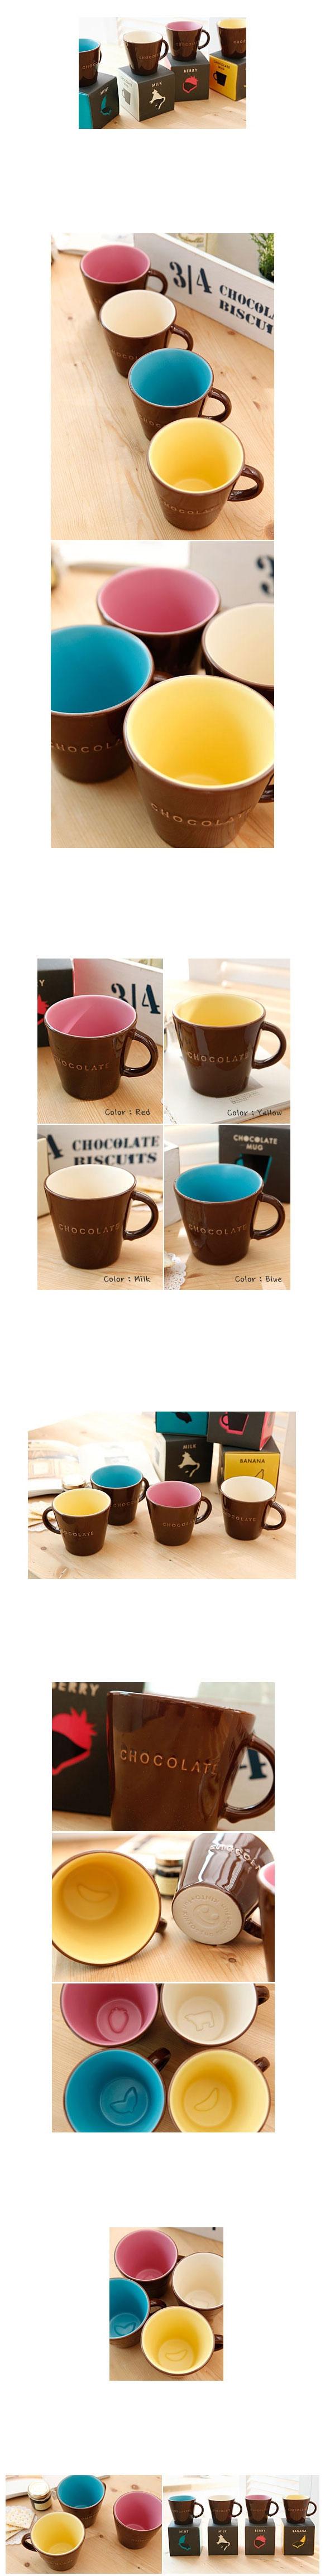 킨토 쵸코렛 머그 1p (3color) - 안나하우스, 15,000원, 머그컵, 패턴머그